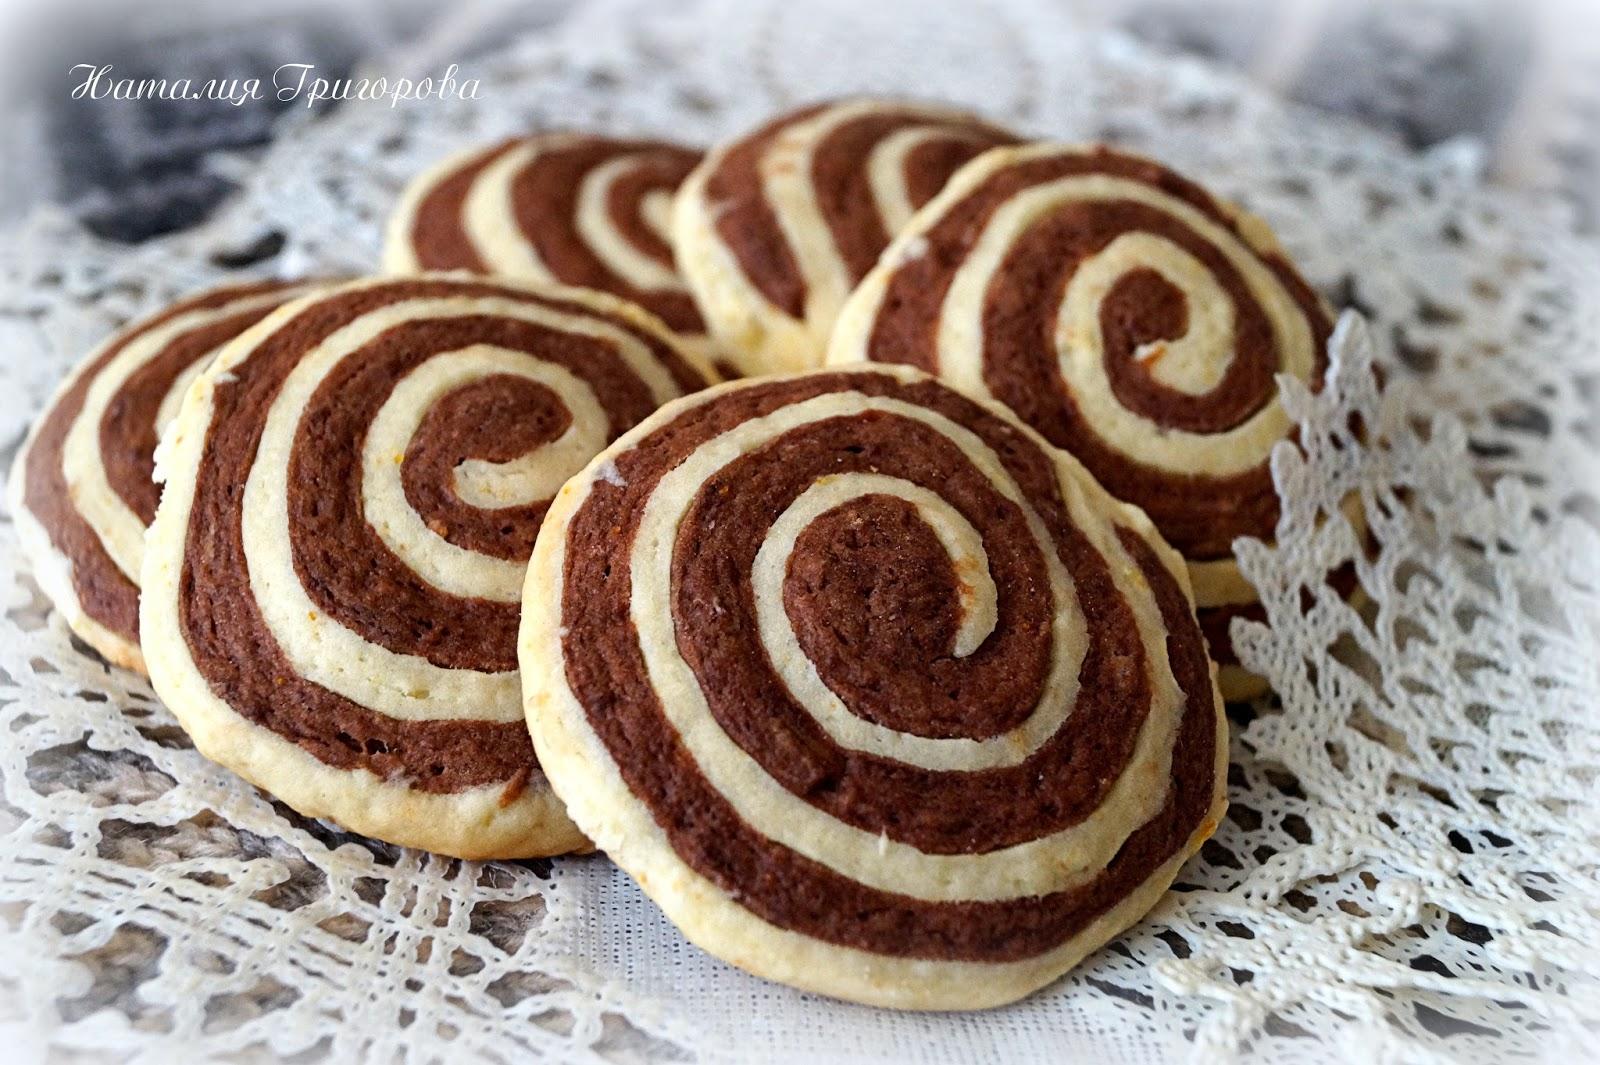 Замечательно красивое и восхитительно хрустящее печенье с грецкими орехами. Песочное, творожное и овсяное – рецепты печенья с грецкими орехами новые фото